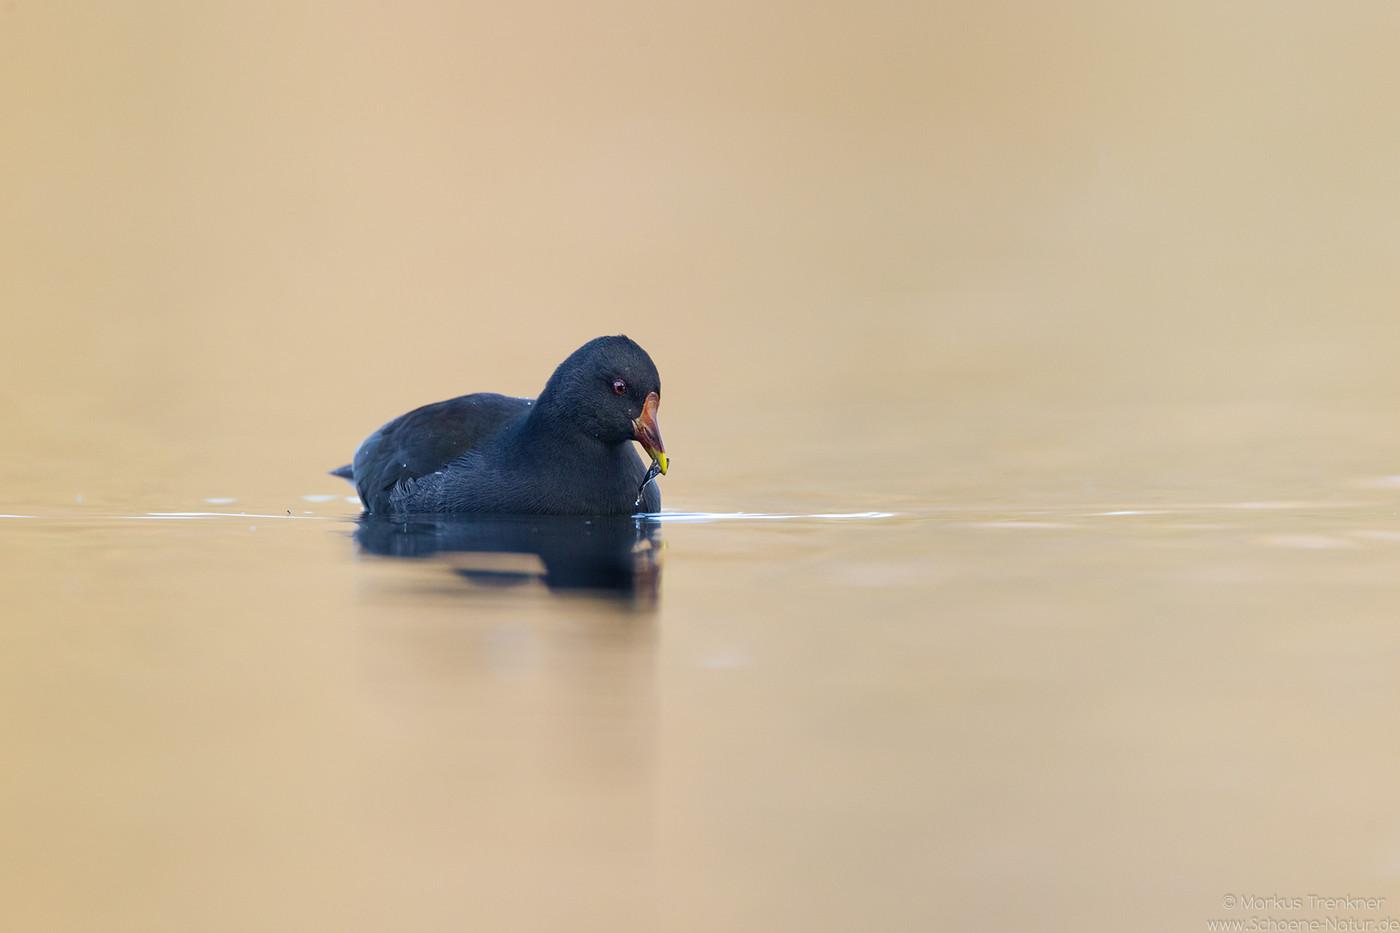 Teichhuhn [Gallinula chloropus]